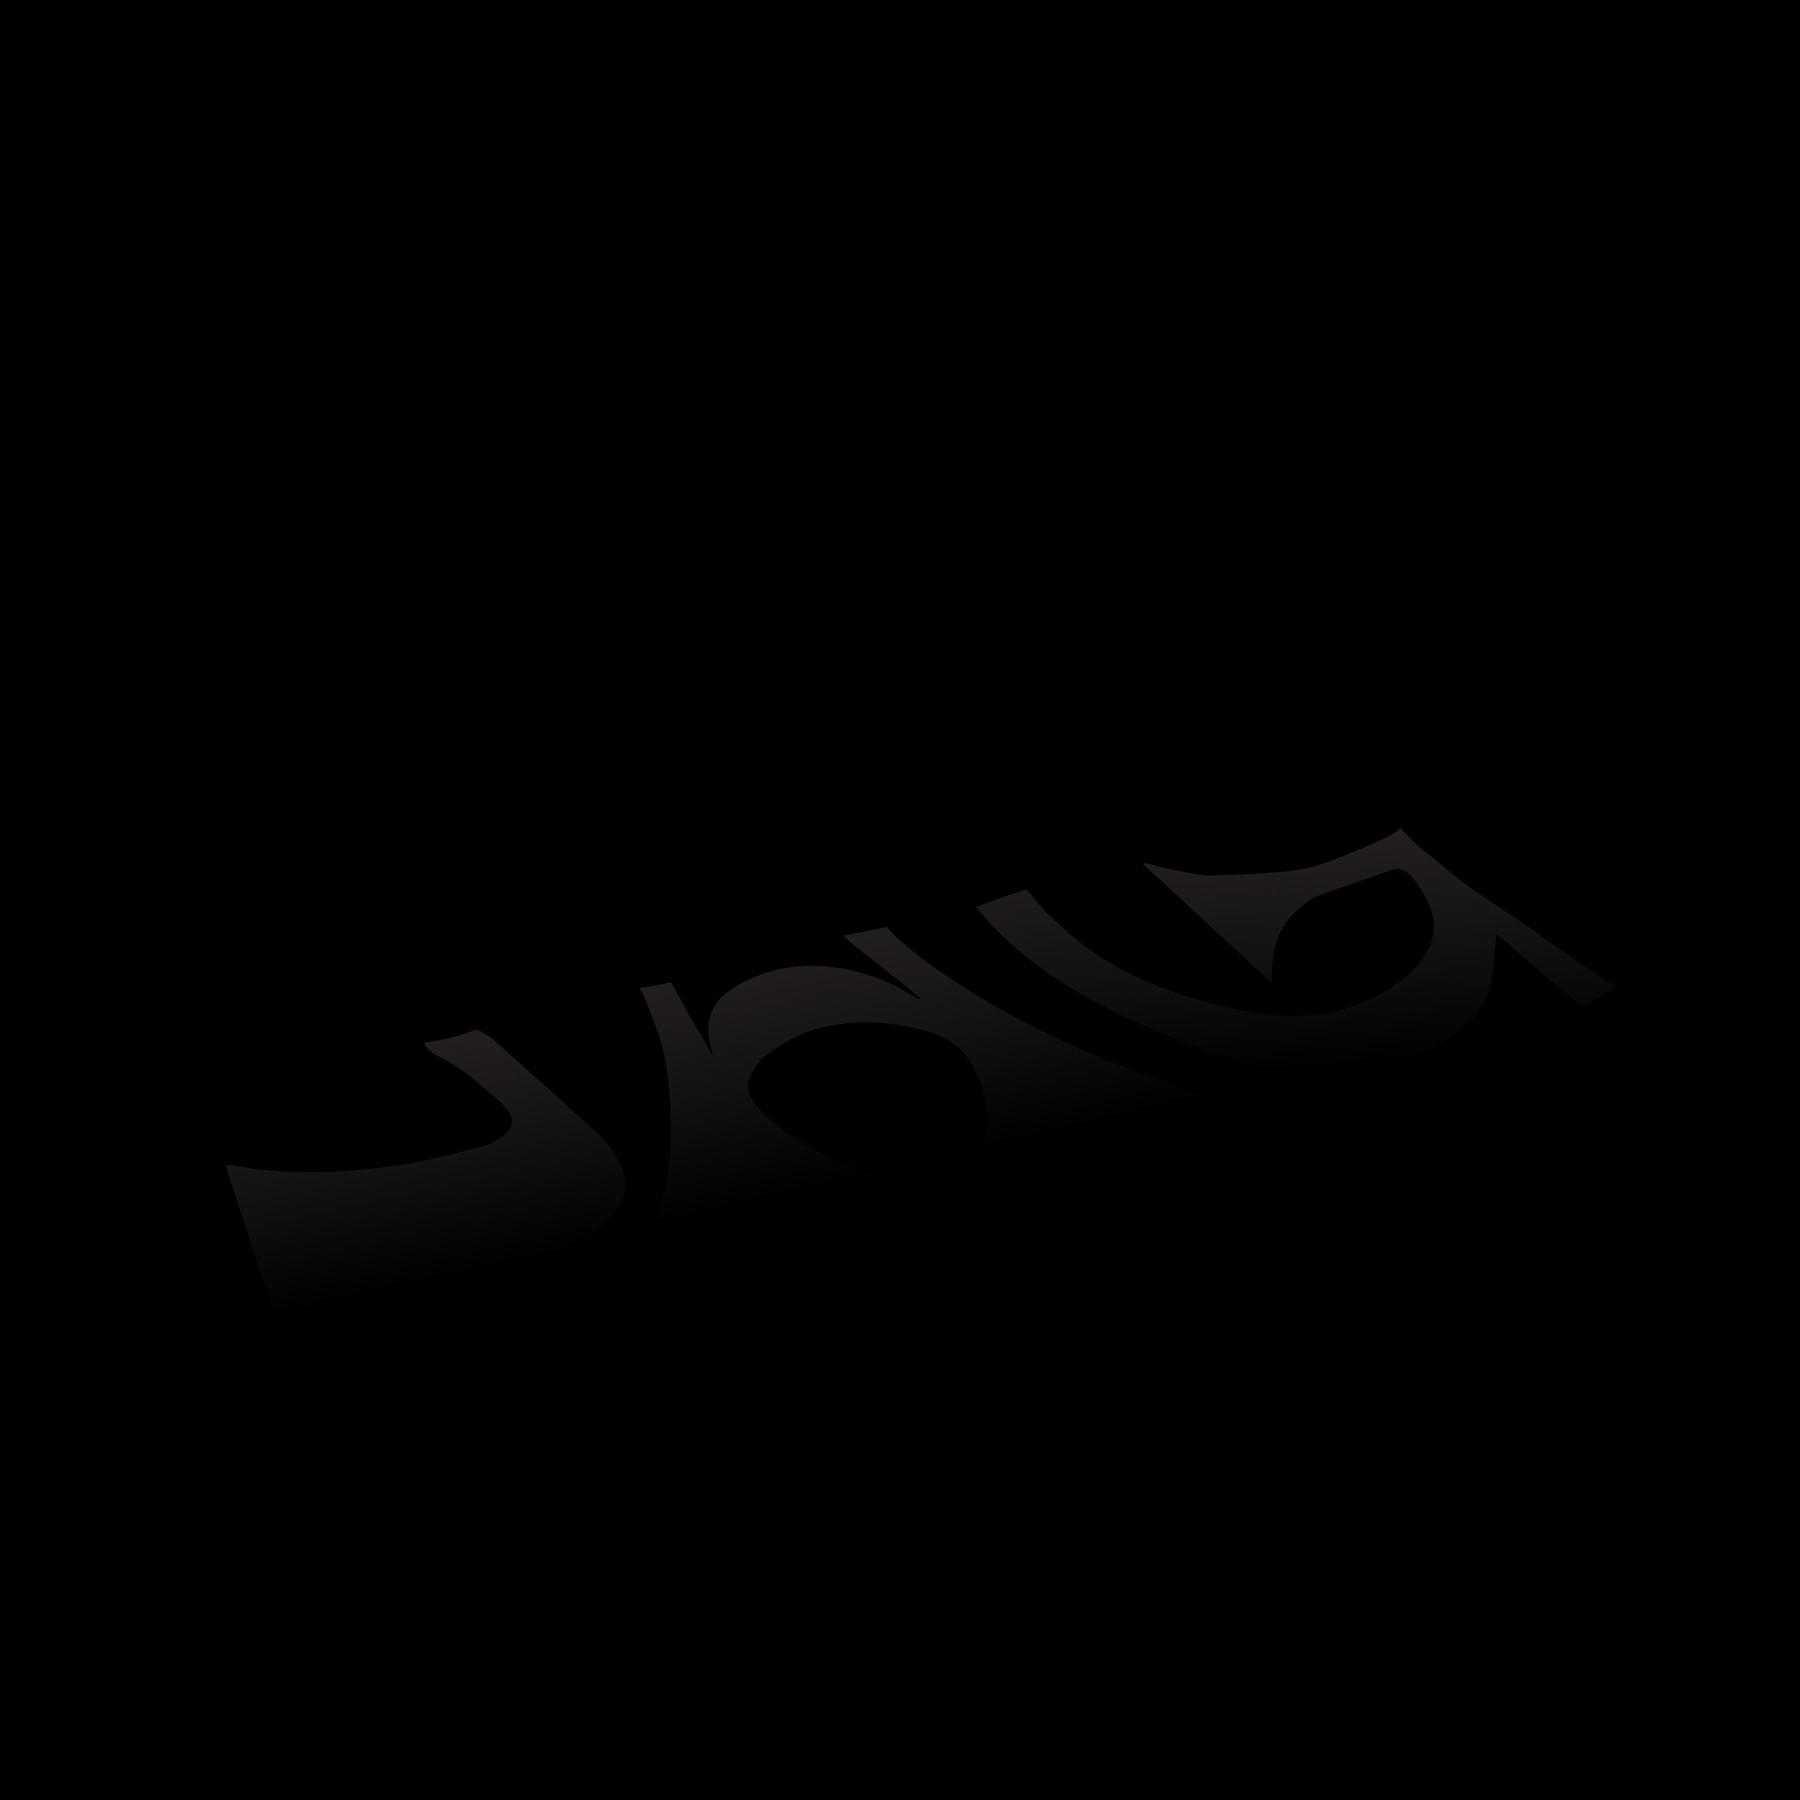 black_jag_logo_shadow-06.png